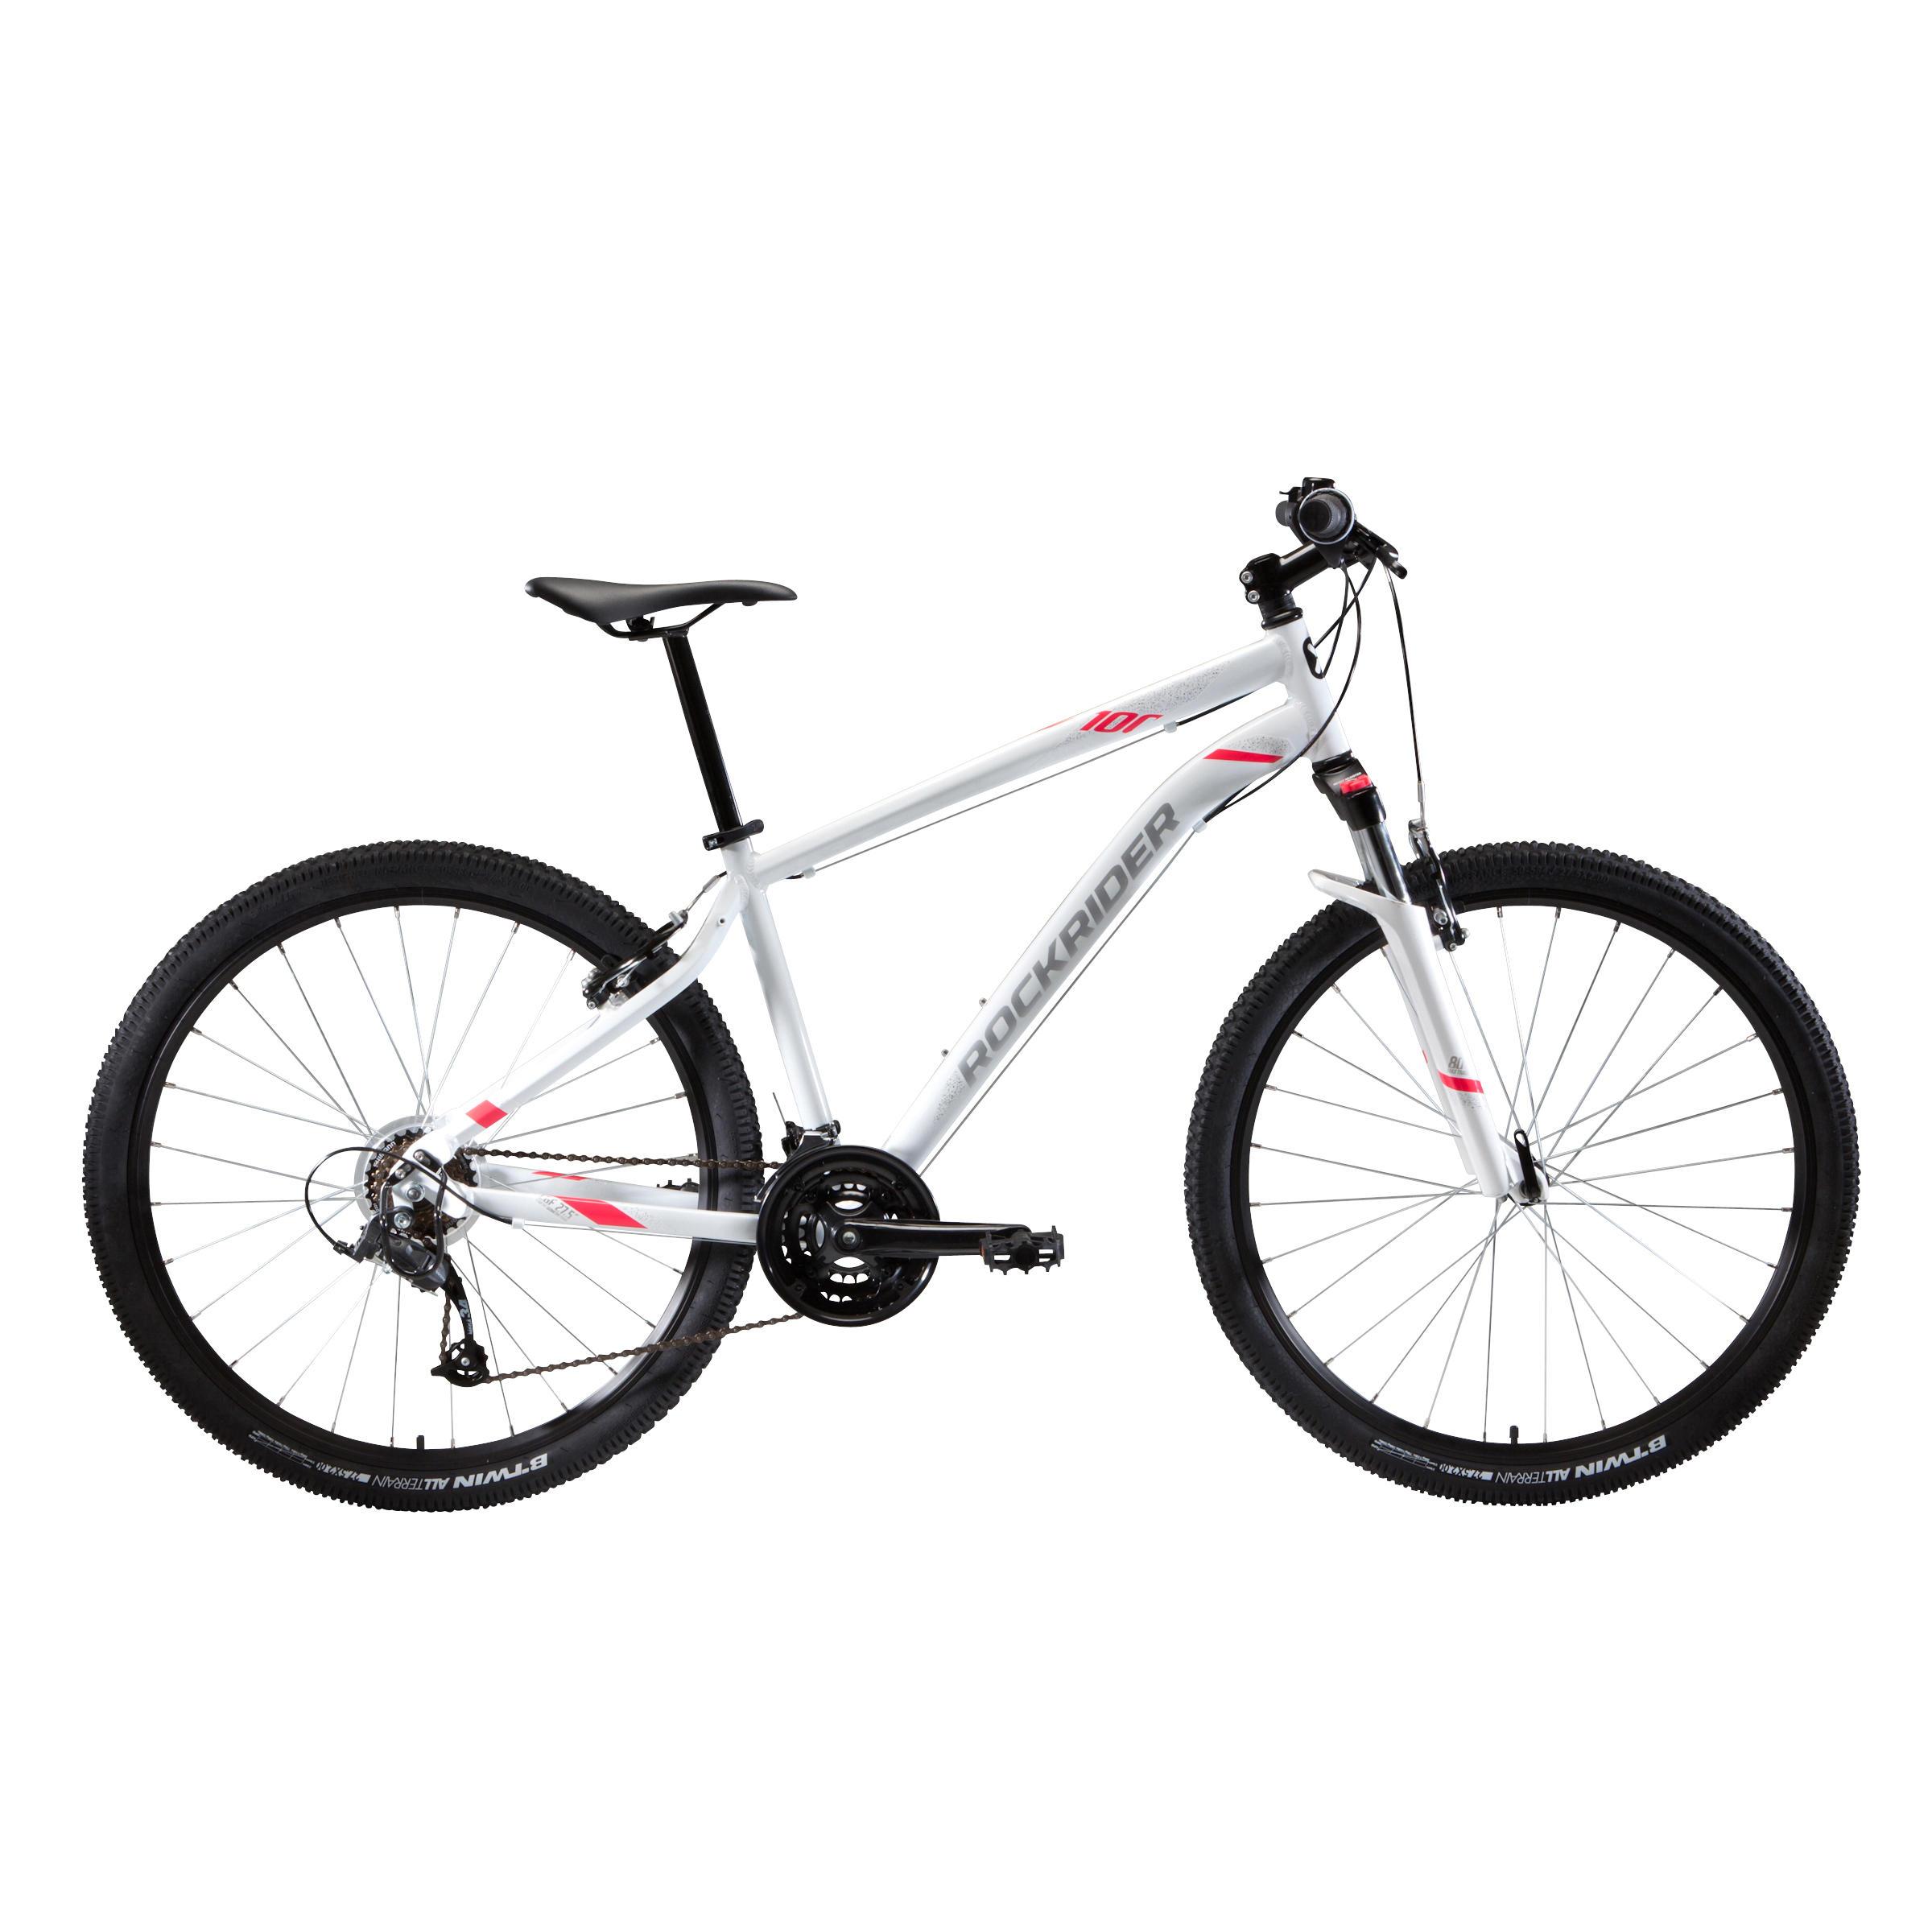 Mountainbike Günstige Bikes Einfach Und Schnell Online Kaufen